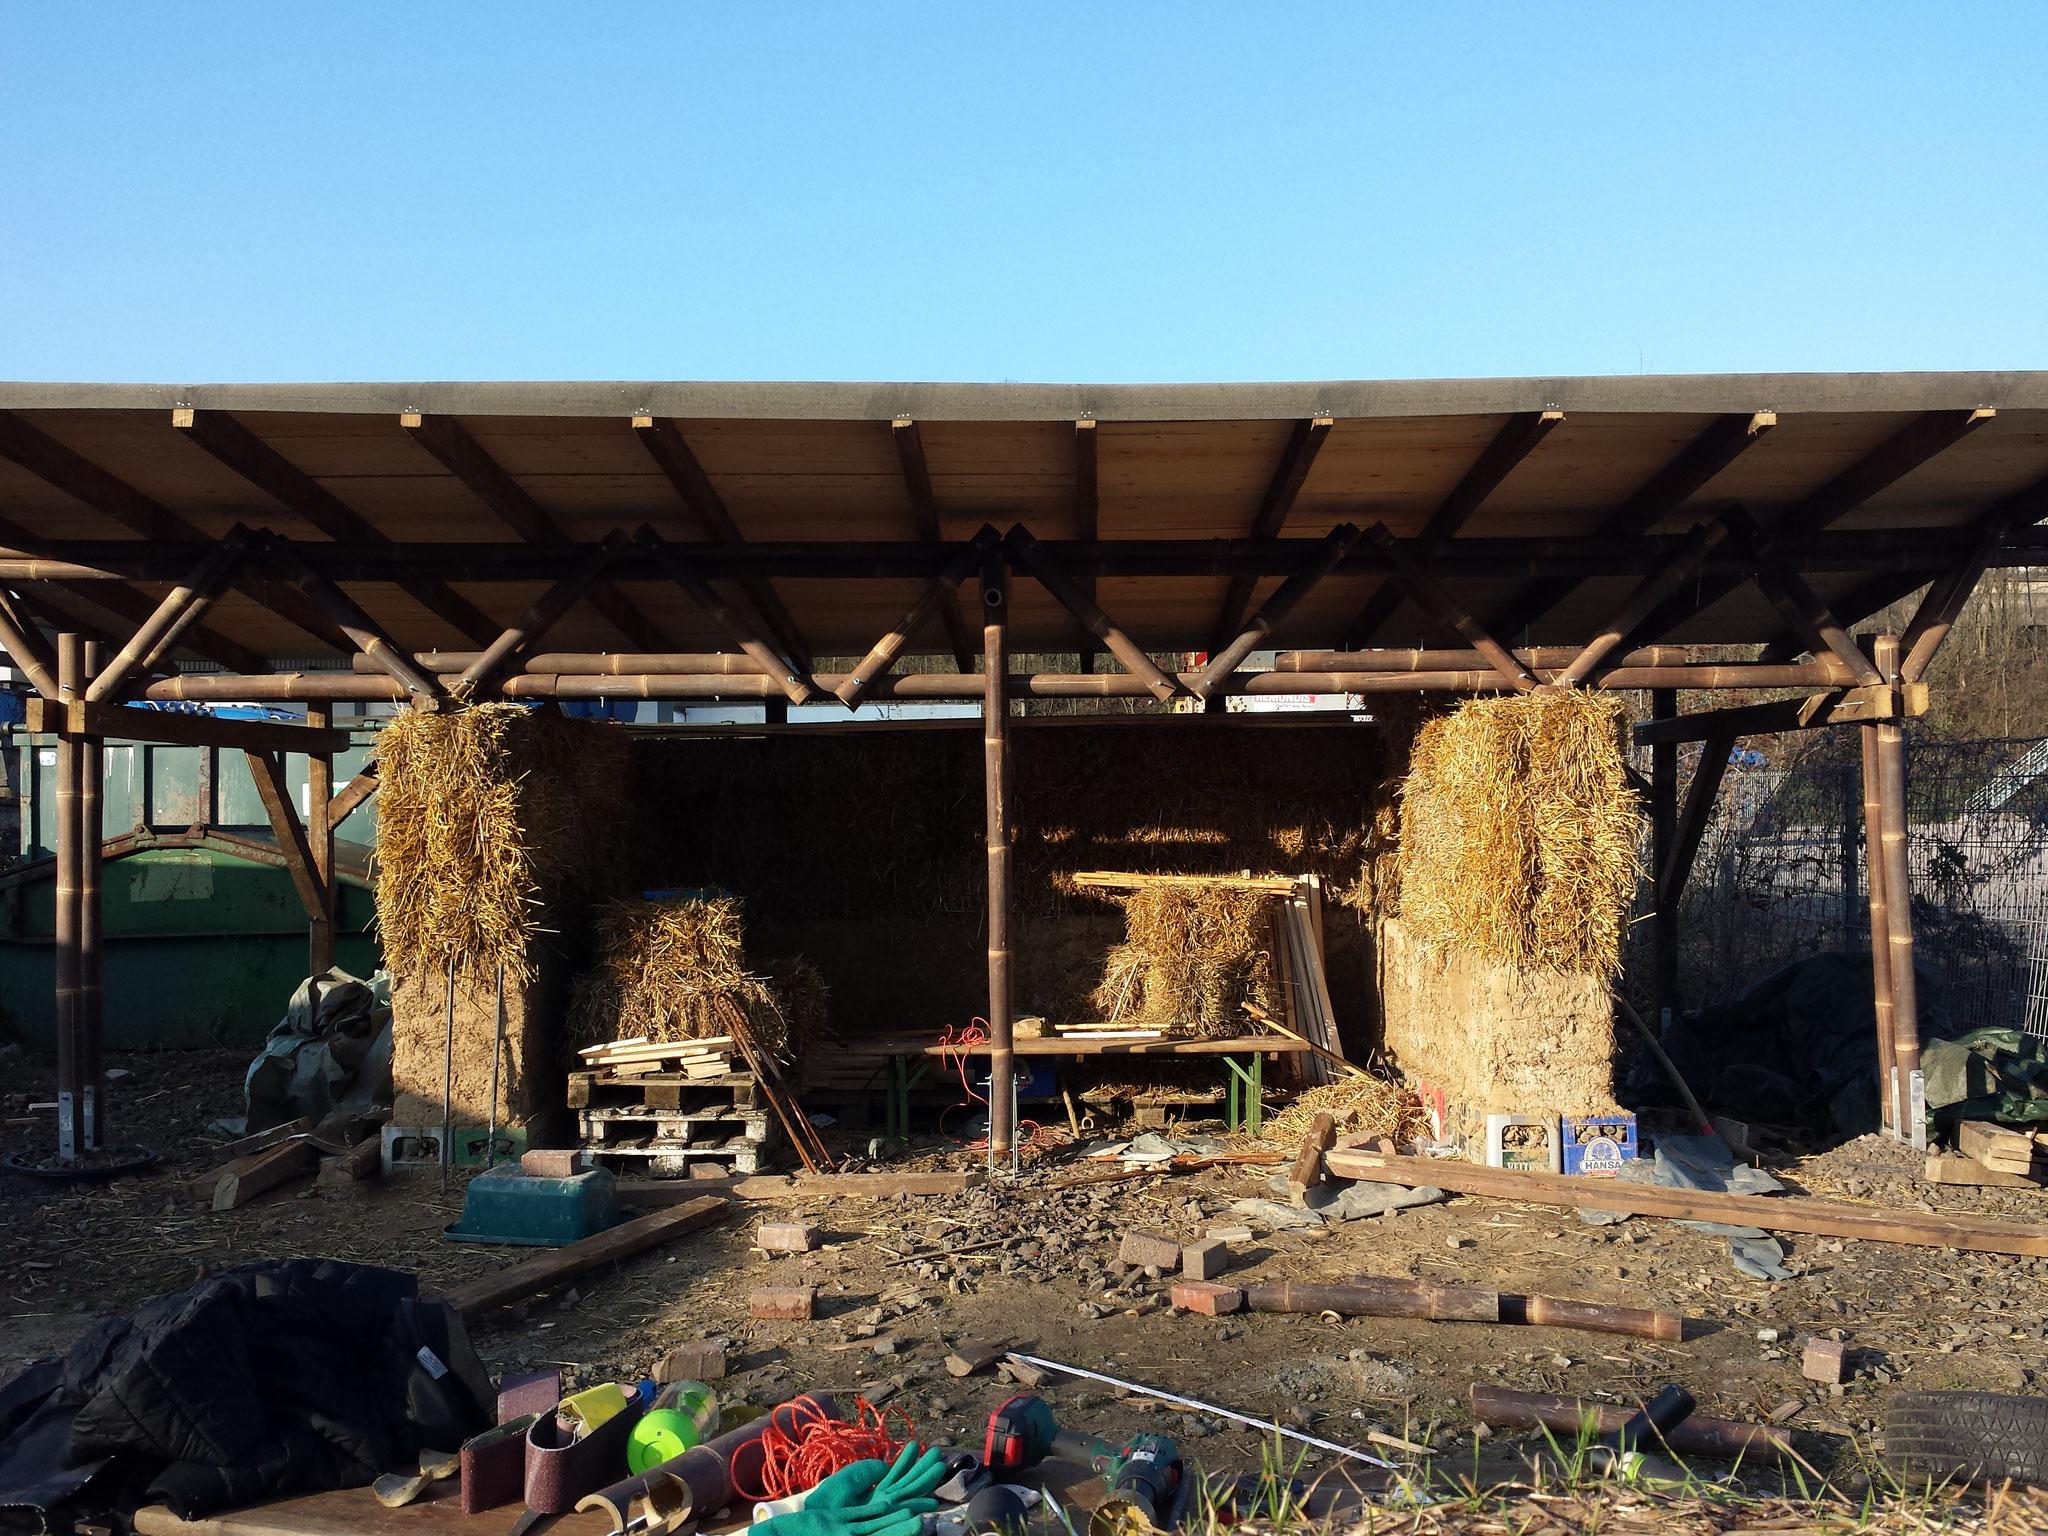 Fast fertige Konstruktion - im Frühling werden die Wände verputzt und das Probebauwerk wird seiner späteren Nutzung zugeführt (Unterstand? Bar? ... für Utopiastadt!)